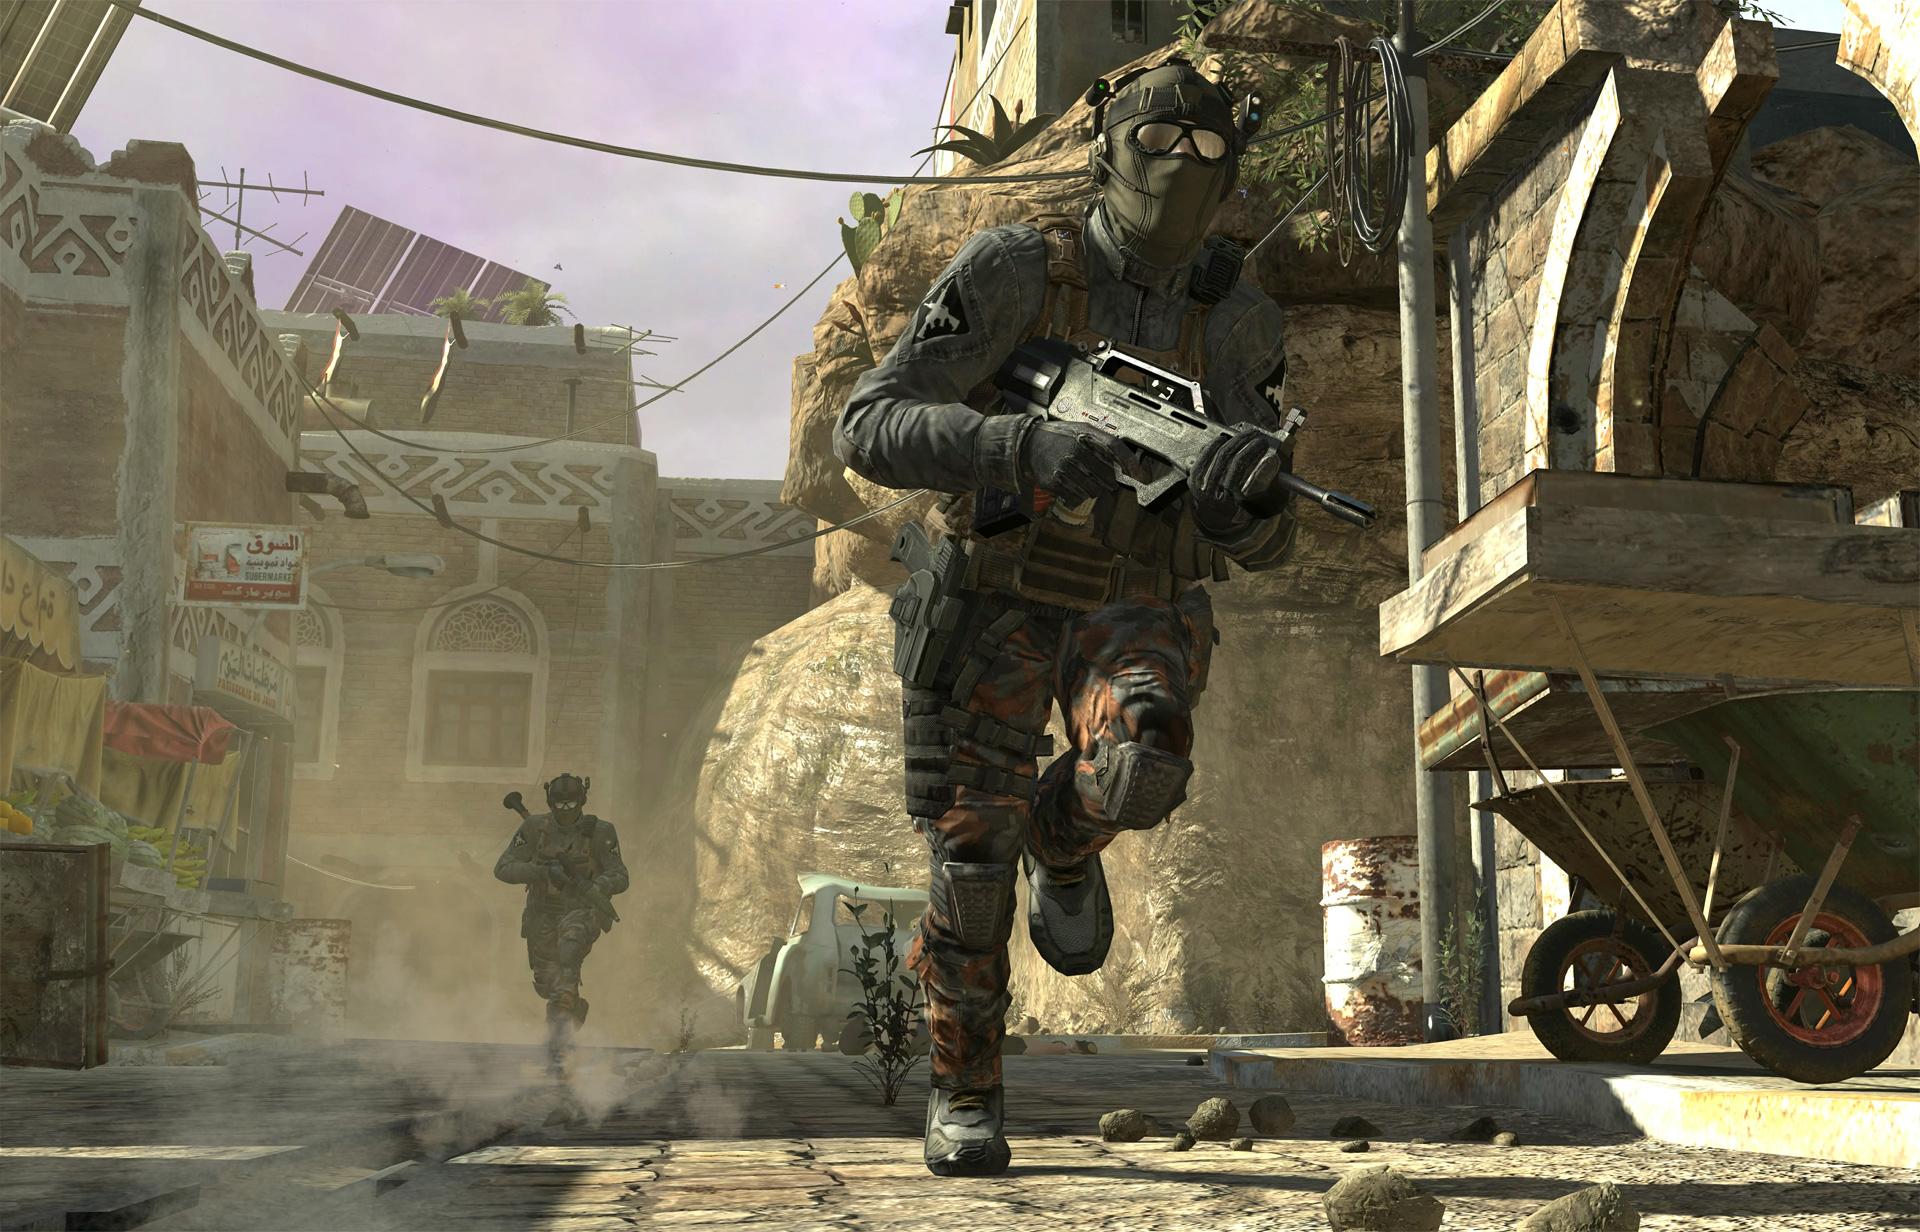 Este trailer de lanzamiento de Black Ops 2 llego un poco adelantado [Vídeo]